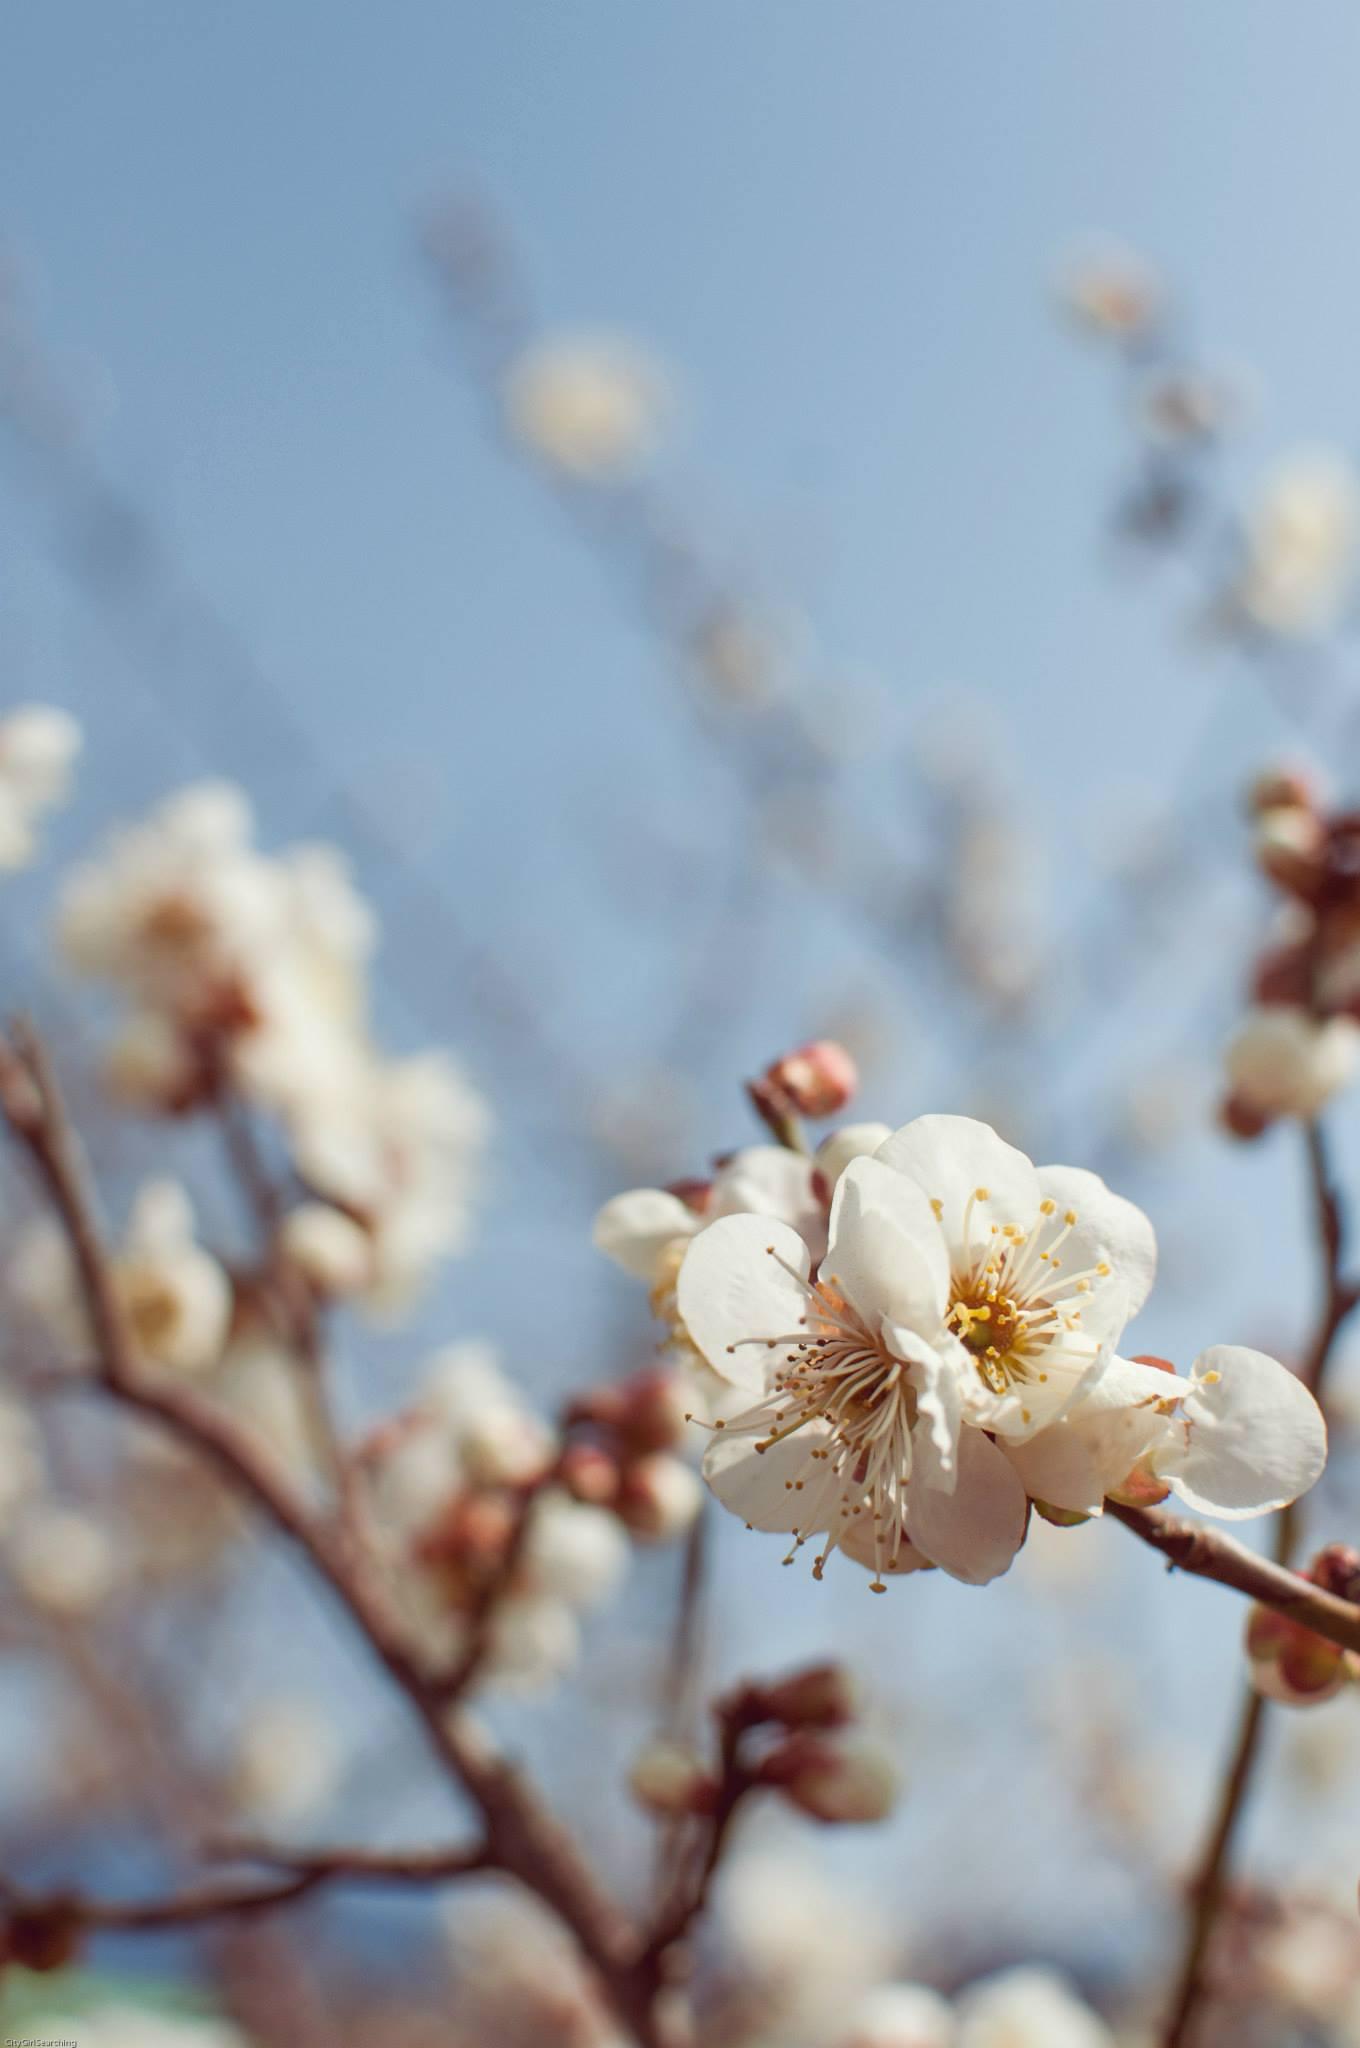 SpringBlossoms4.jpg